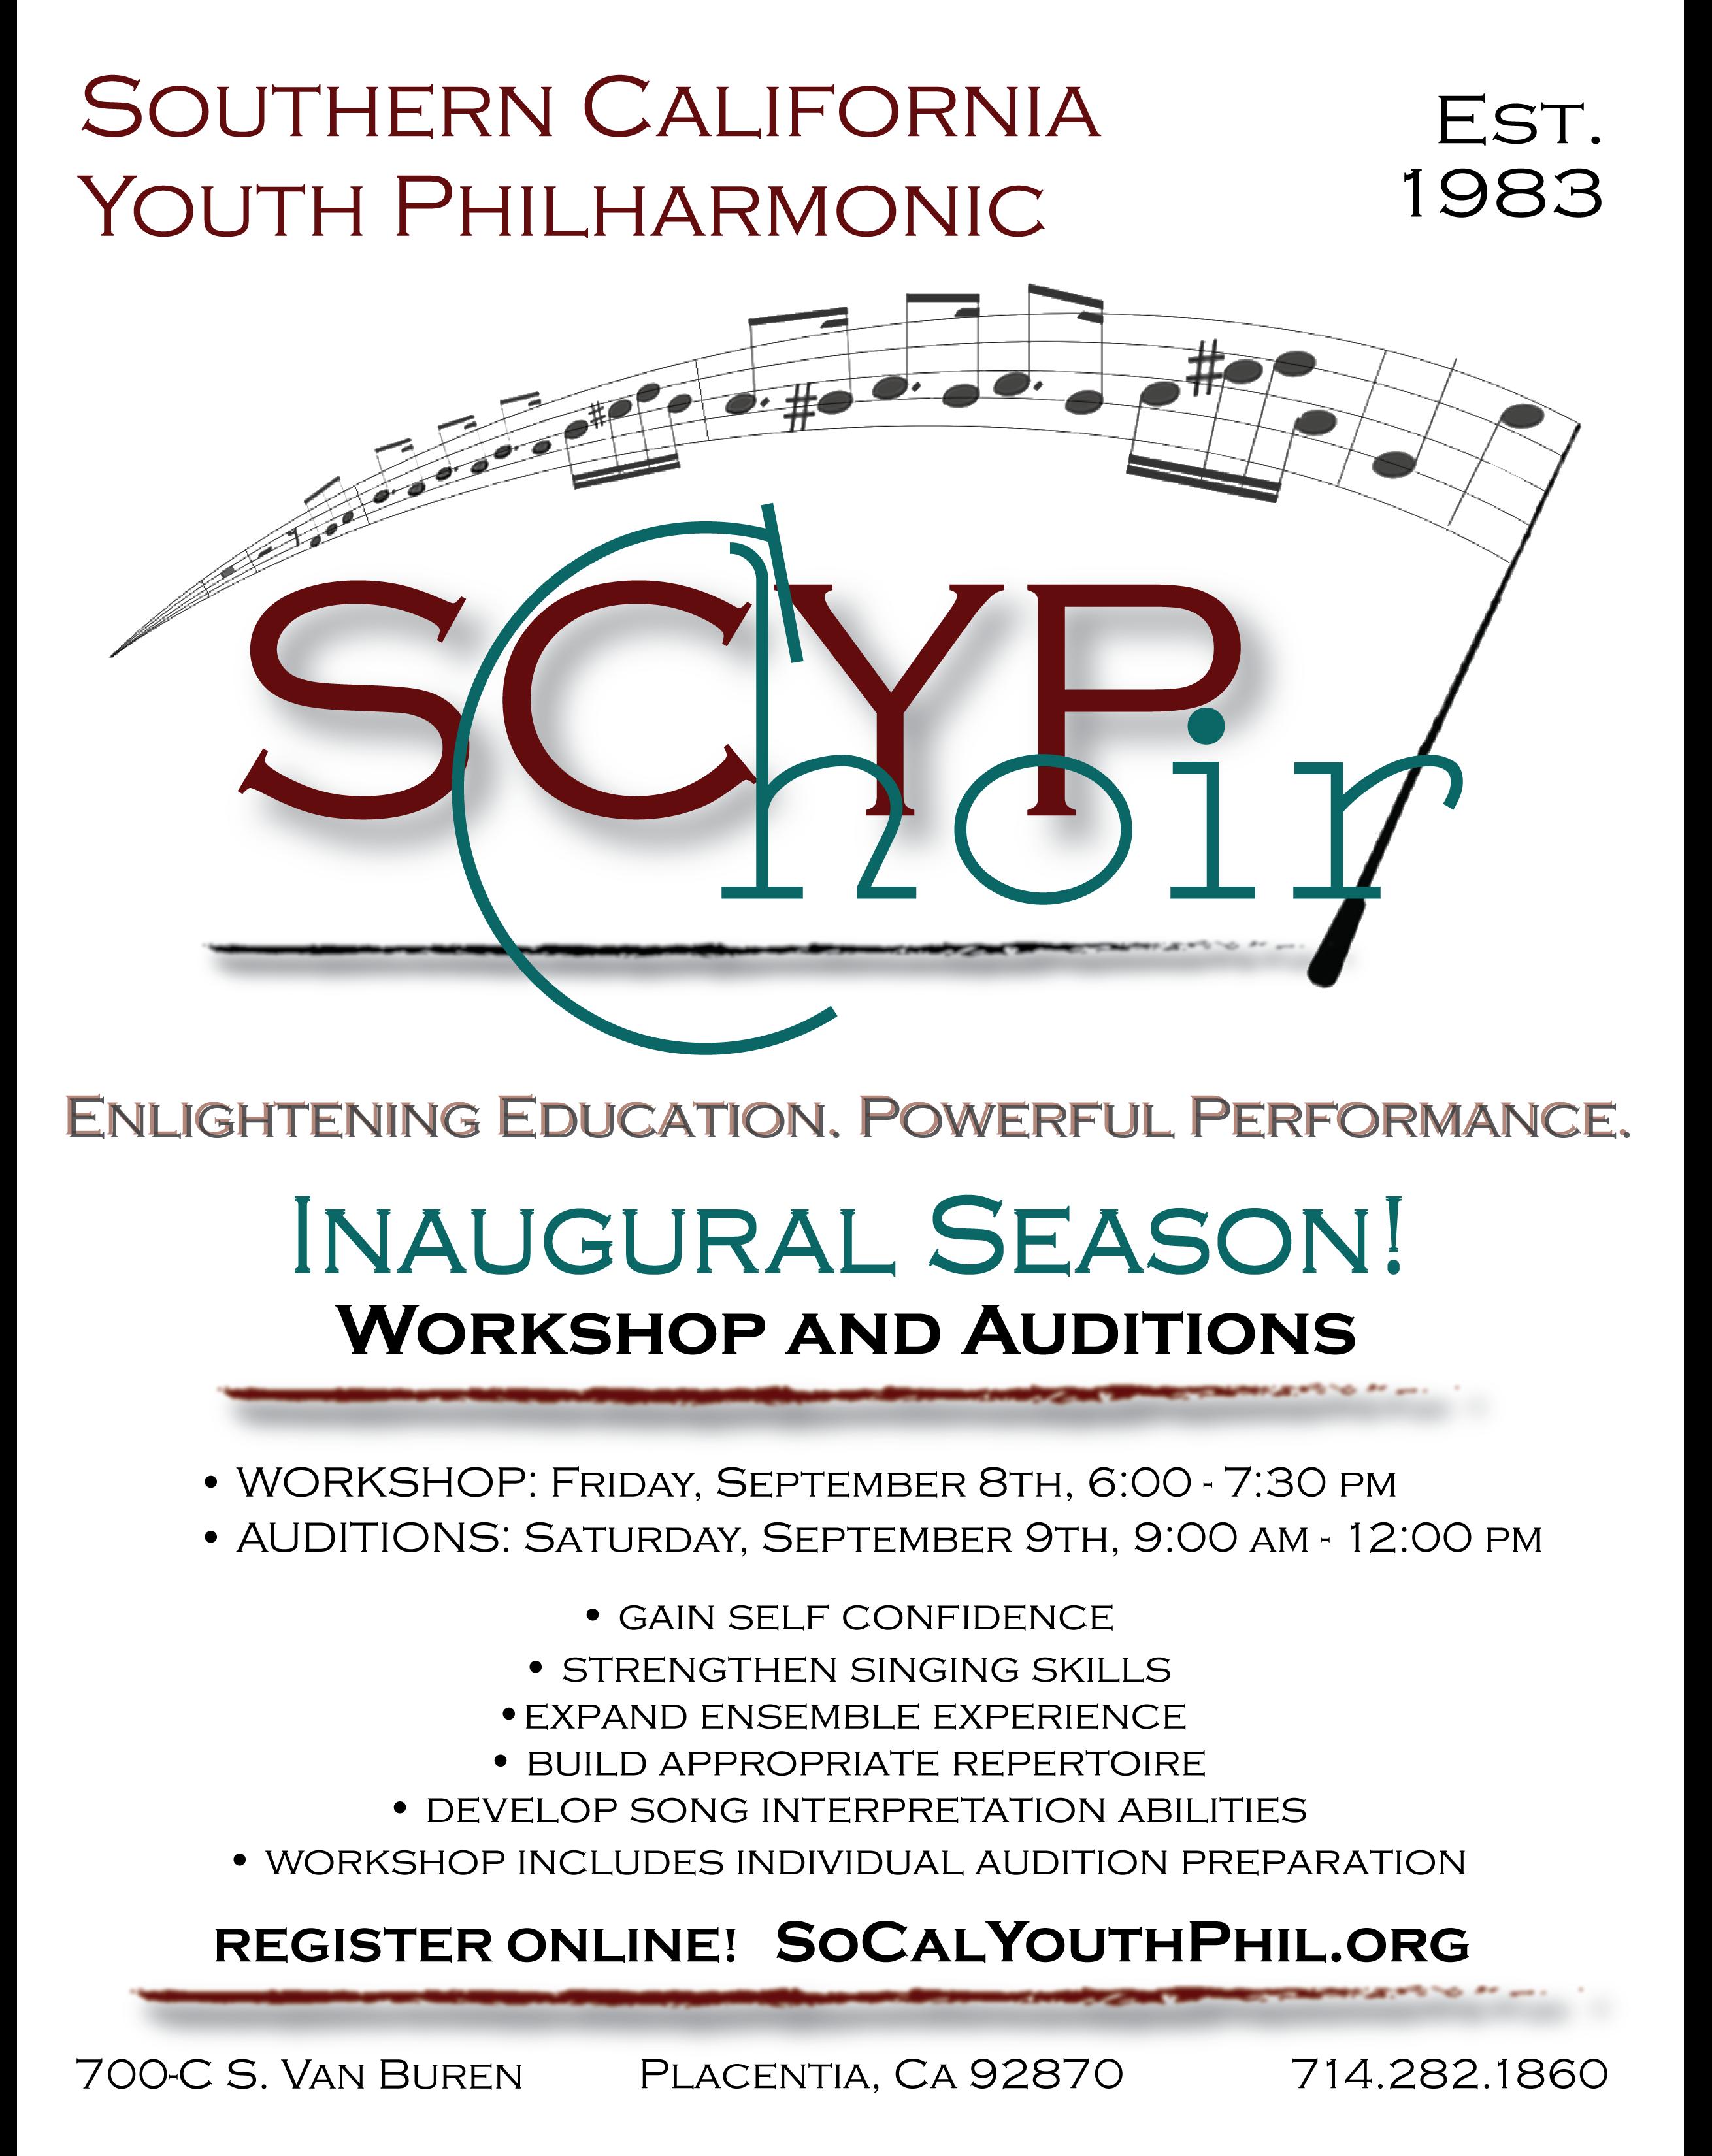 Choir Workshop Flyer 2017-2018